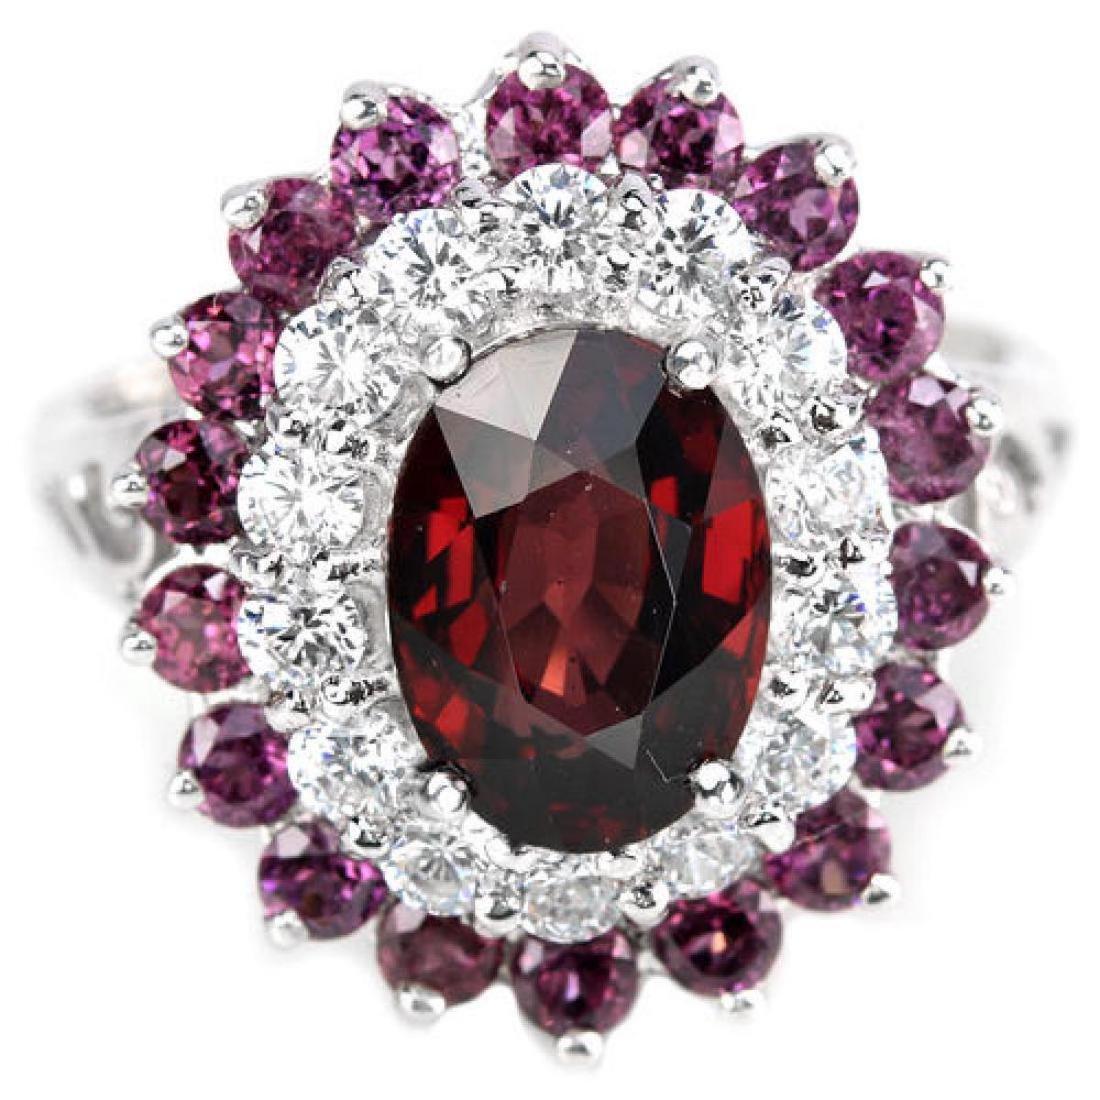 NATURAL PURPLISH PINK RHODOLITE GARNET Ring